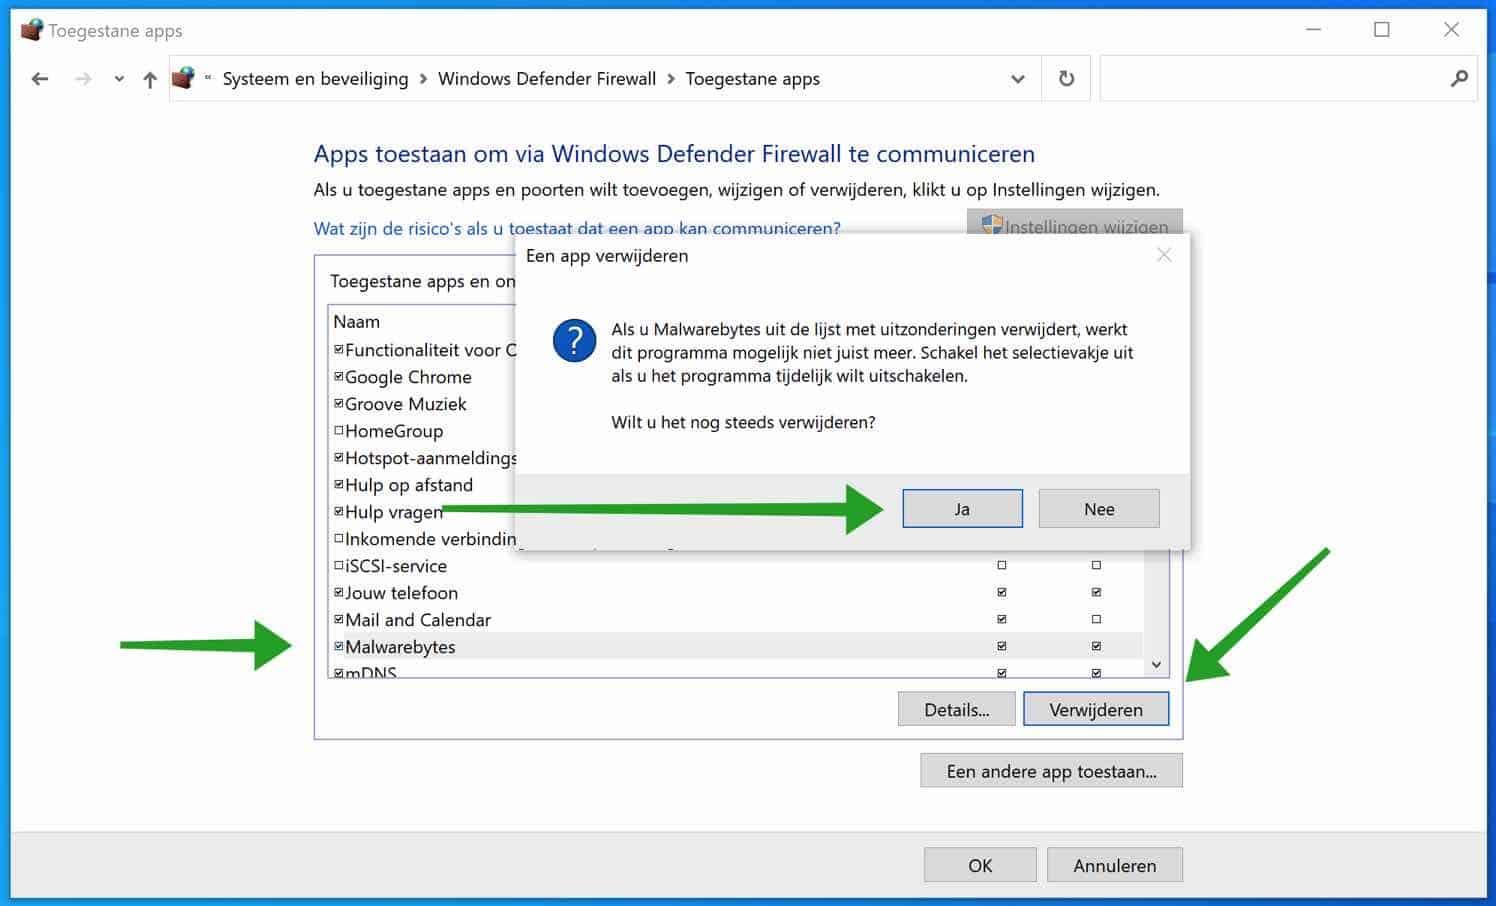 App verwijderen uit de Windows firewall